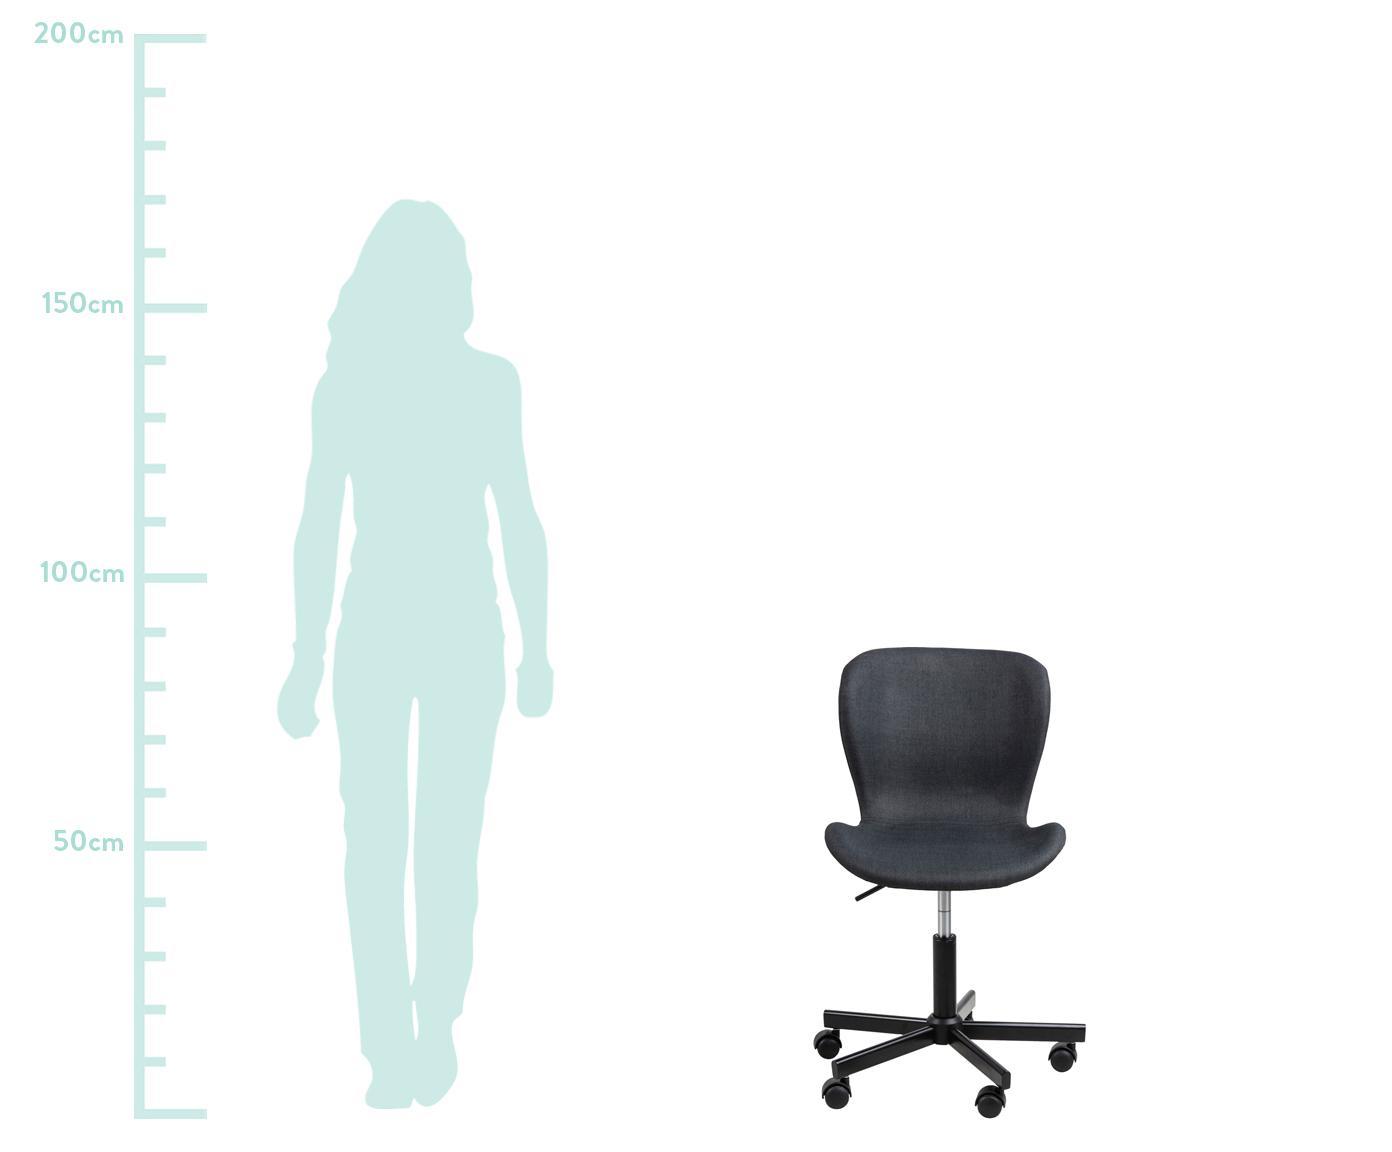 Bürodrehstuhl Batilda, höhenverstellbar, Bezug: Stoff, Beine: Metall, pulverbeschichtet, Rollen: Kunststoff, Anthrazit, B 55 x T 54 cm